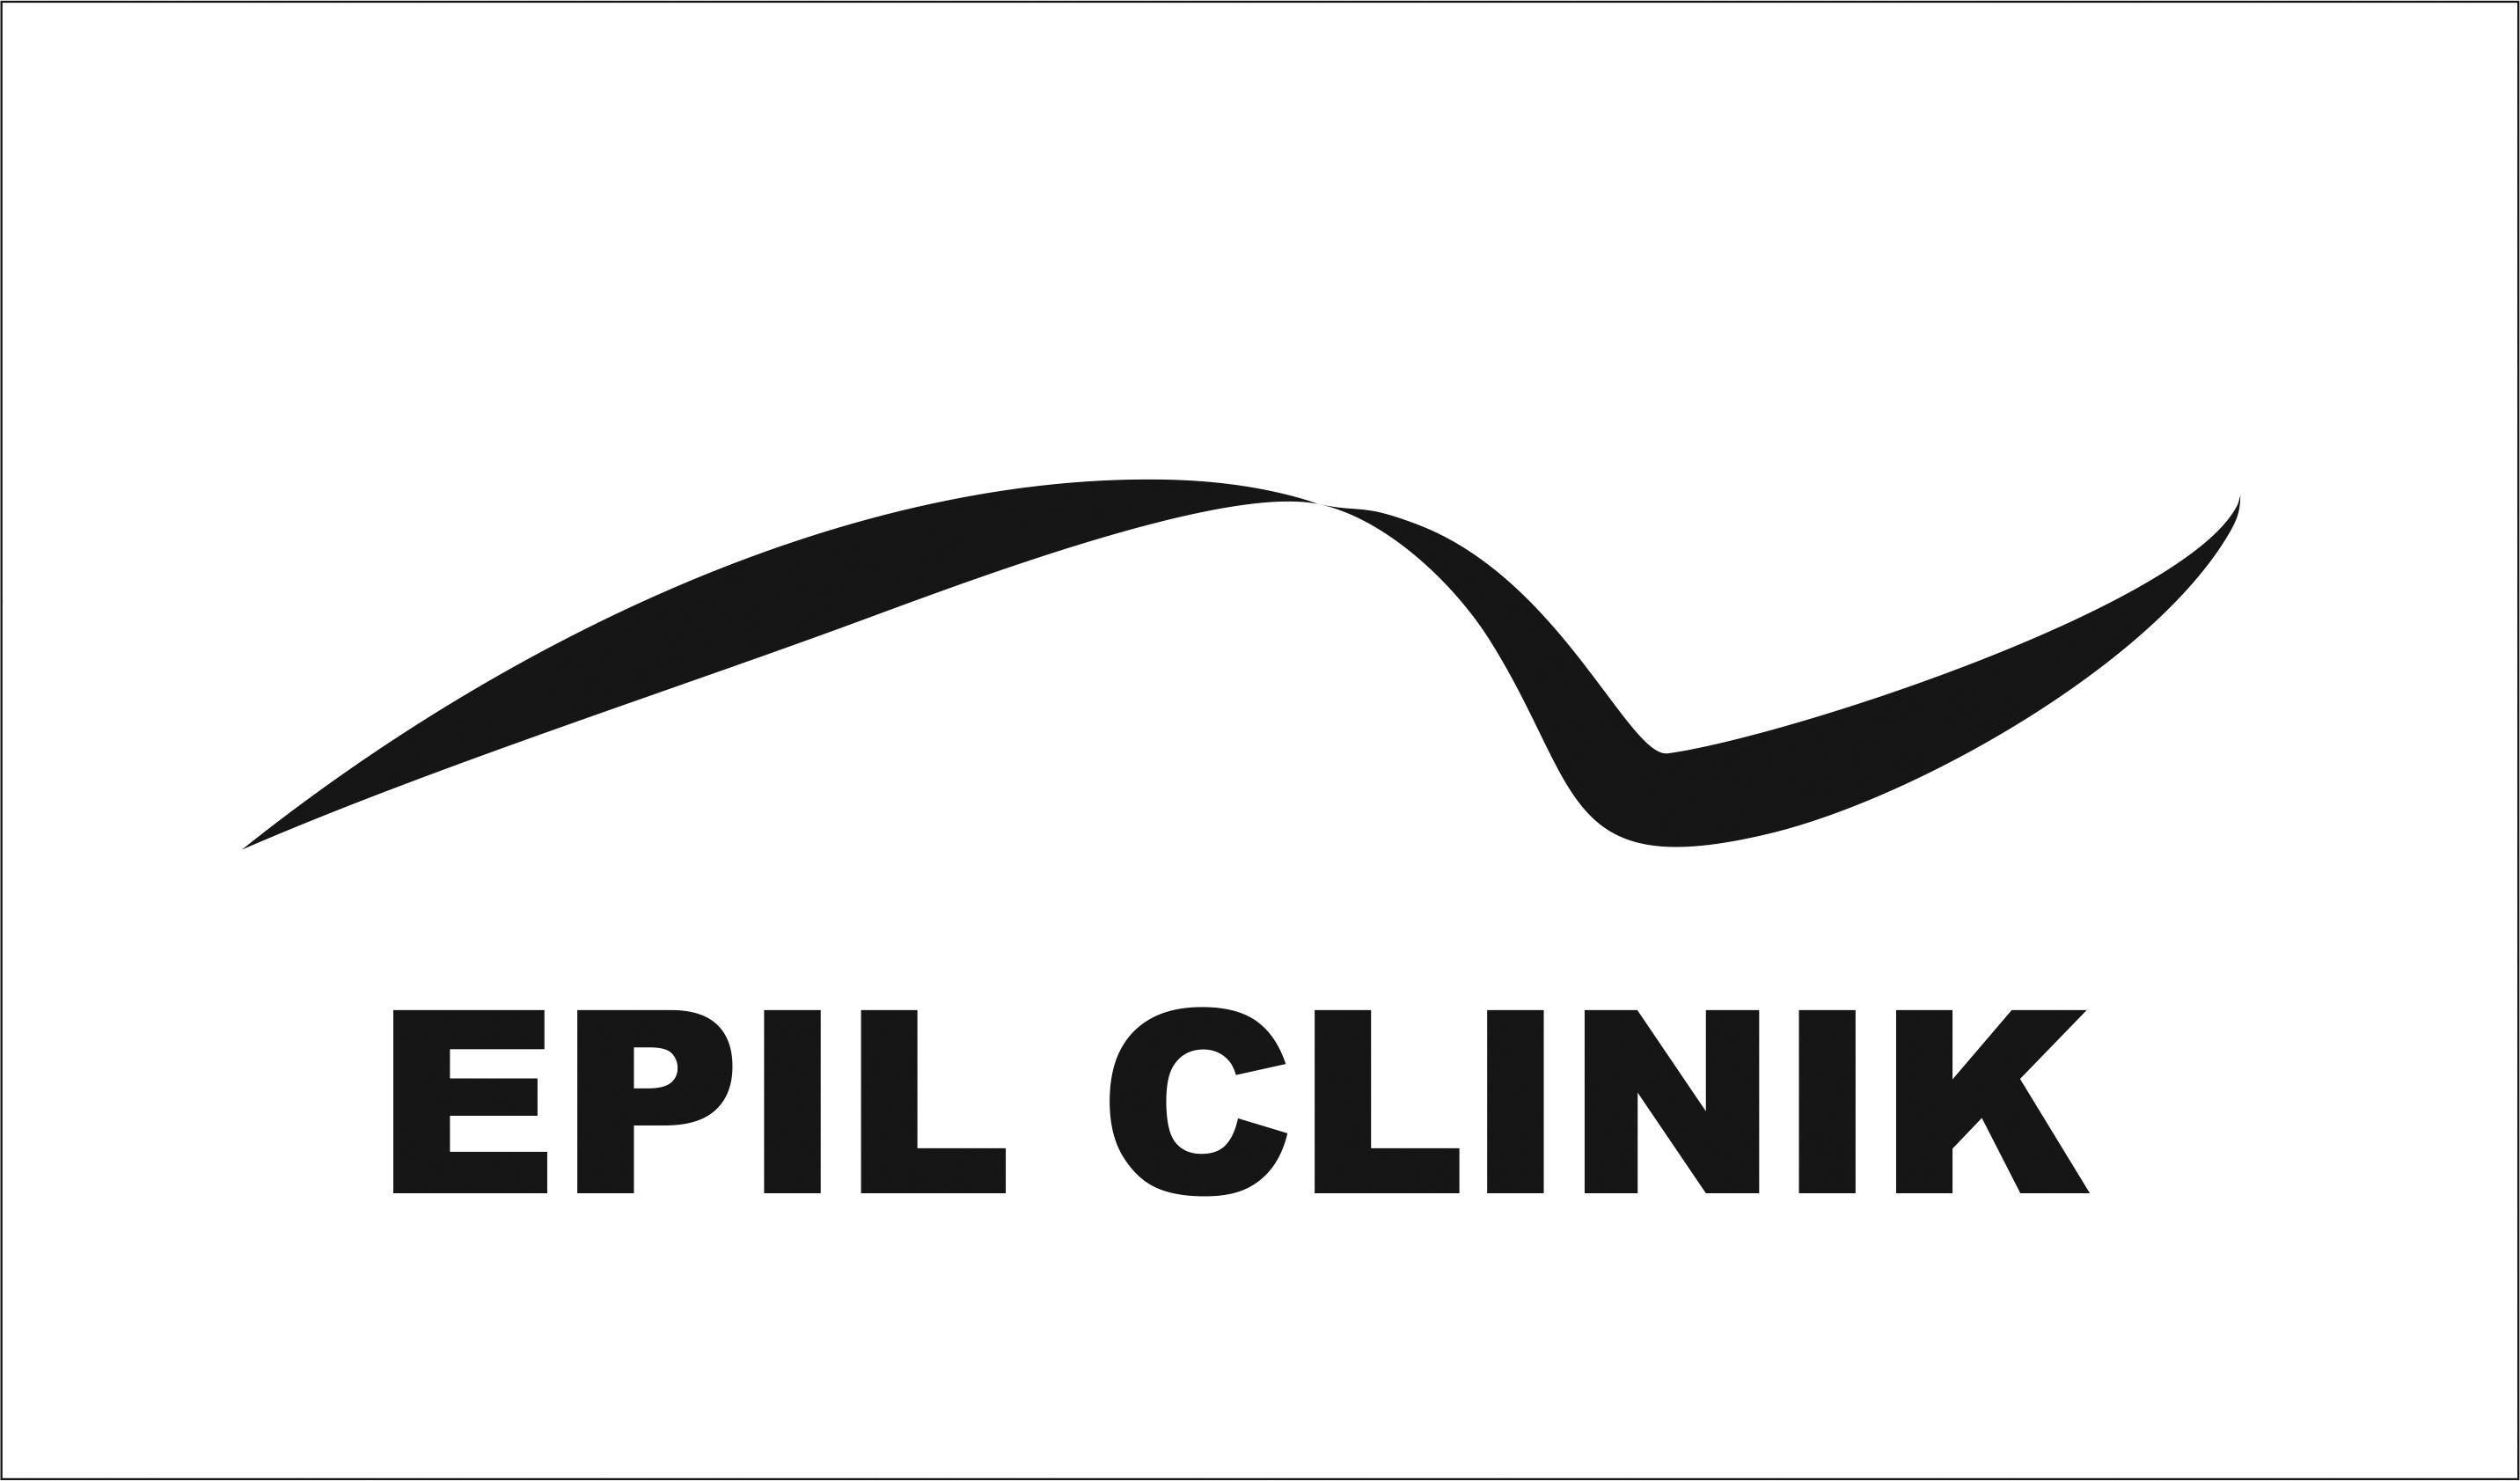 Логотип , фирменный стиль  фото f_0525e1a2a88a6412.jpg